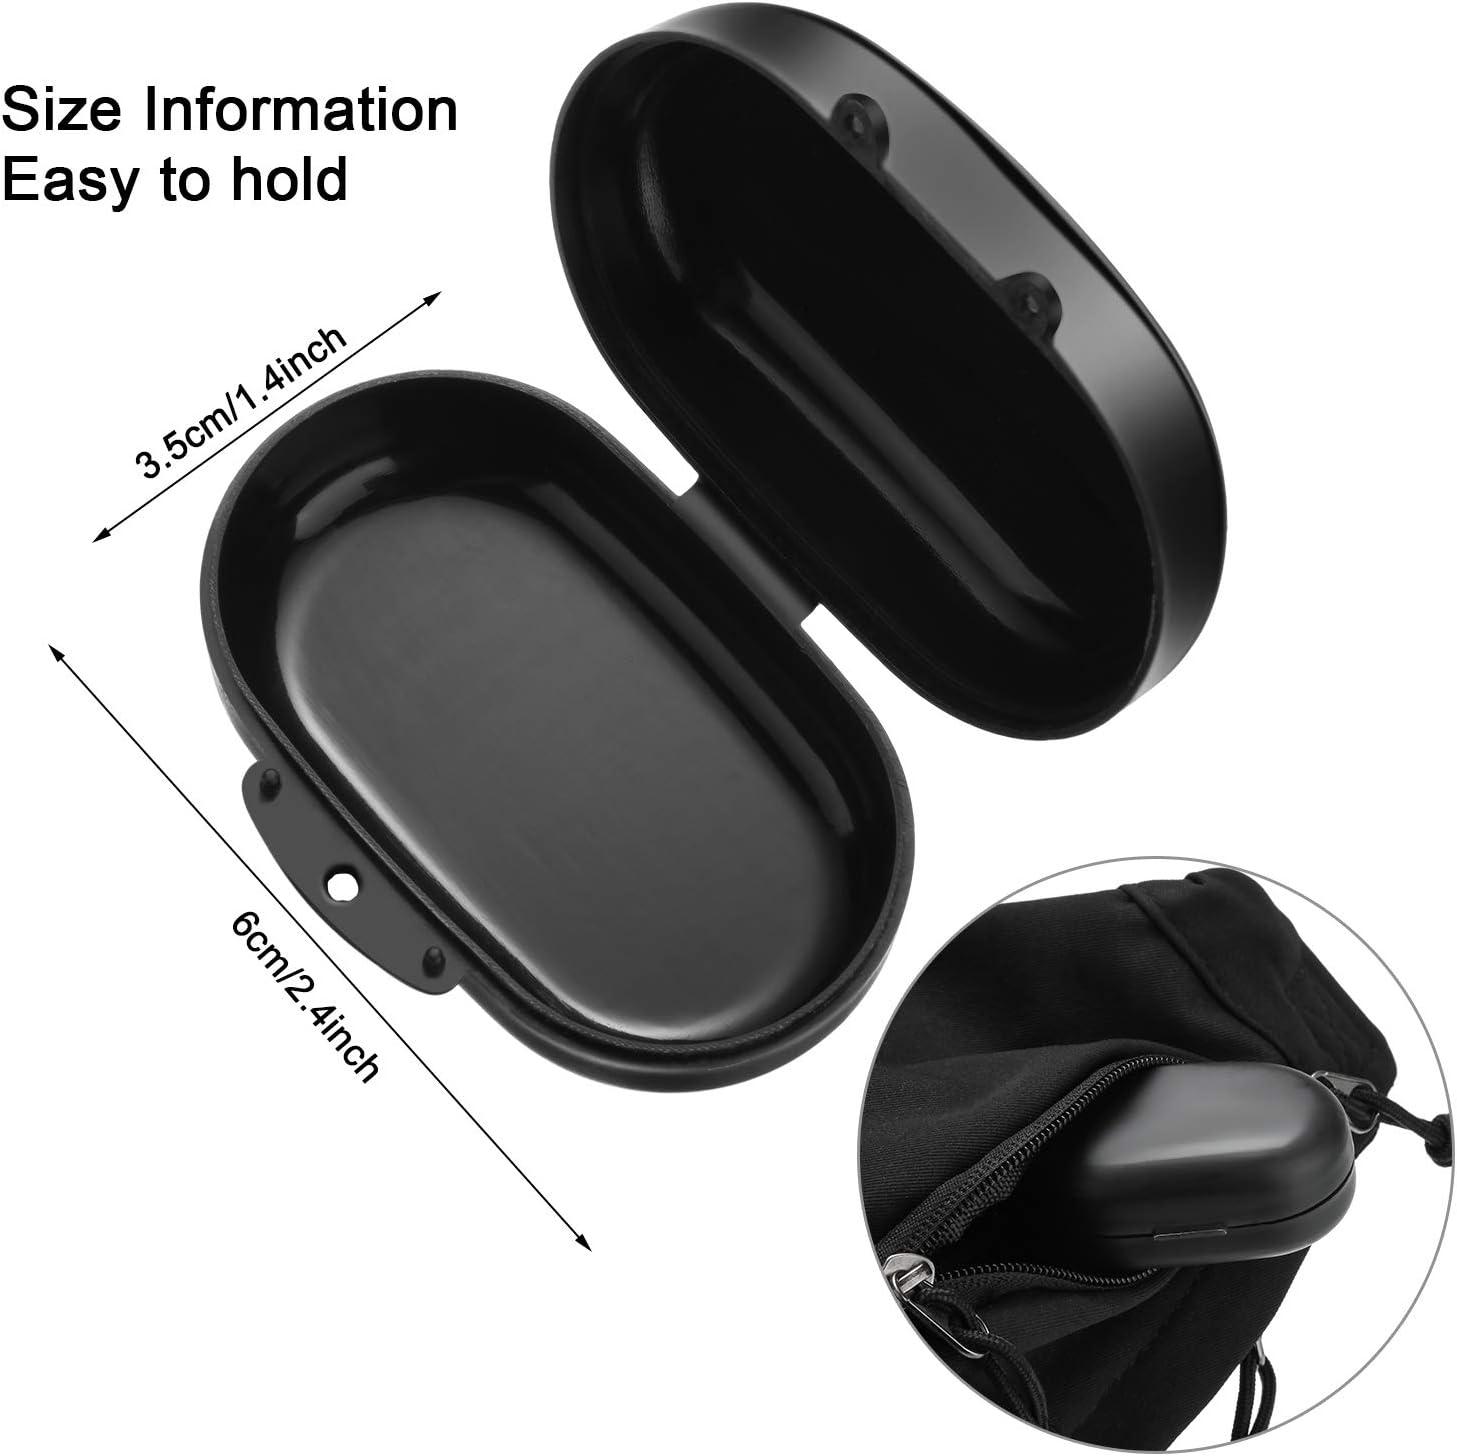 3 Jeux Bouchons dOreilles Anti-Bruit R/éutilisables S/ûrs en Silicone avec Bo/îtes de Rangement Bouchons dOreilles pour R/éduction de Bruit Bouchons dOreilles de Protection Auditive Noir et Gris